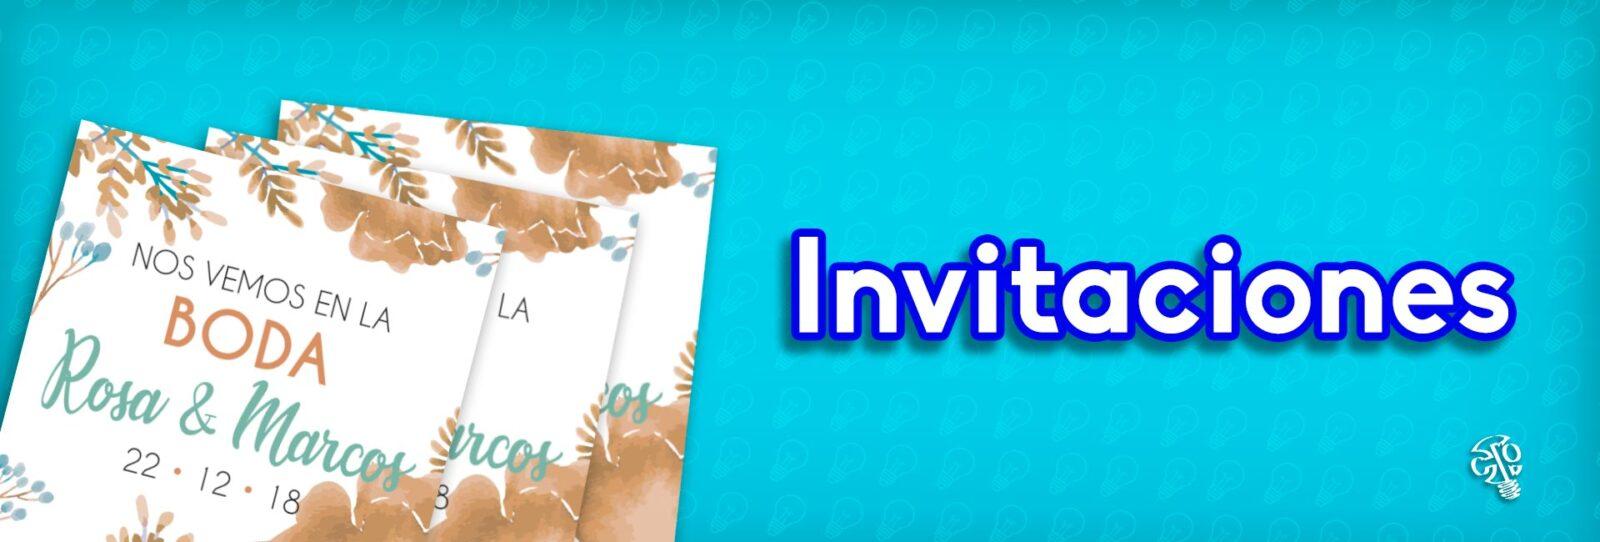 b_7_Eventos_invitaciones